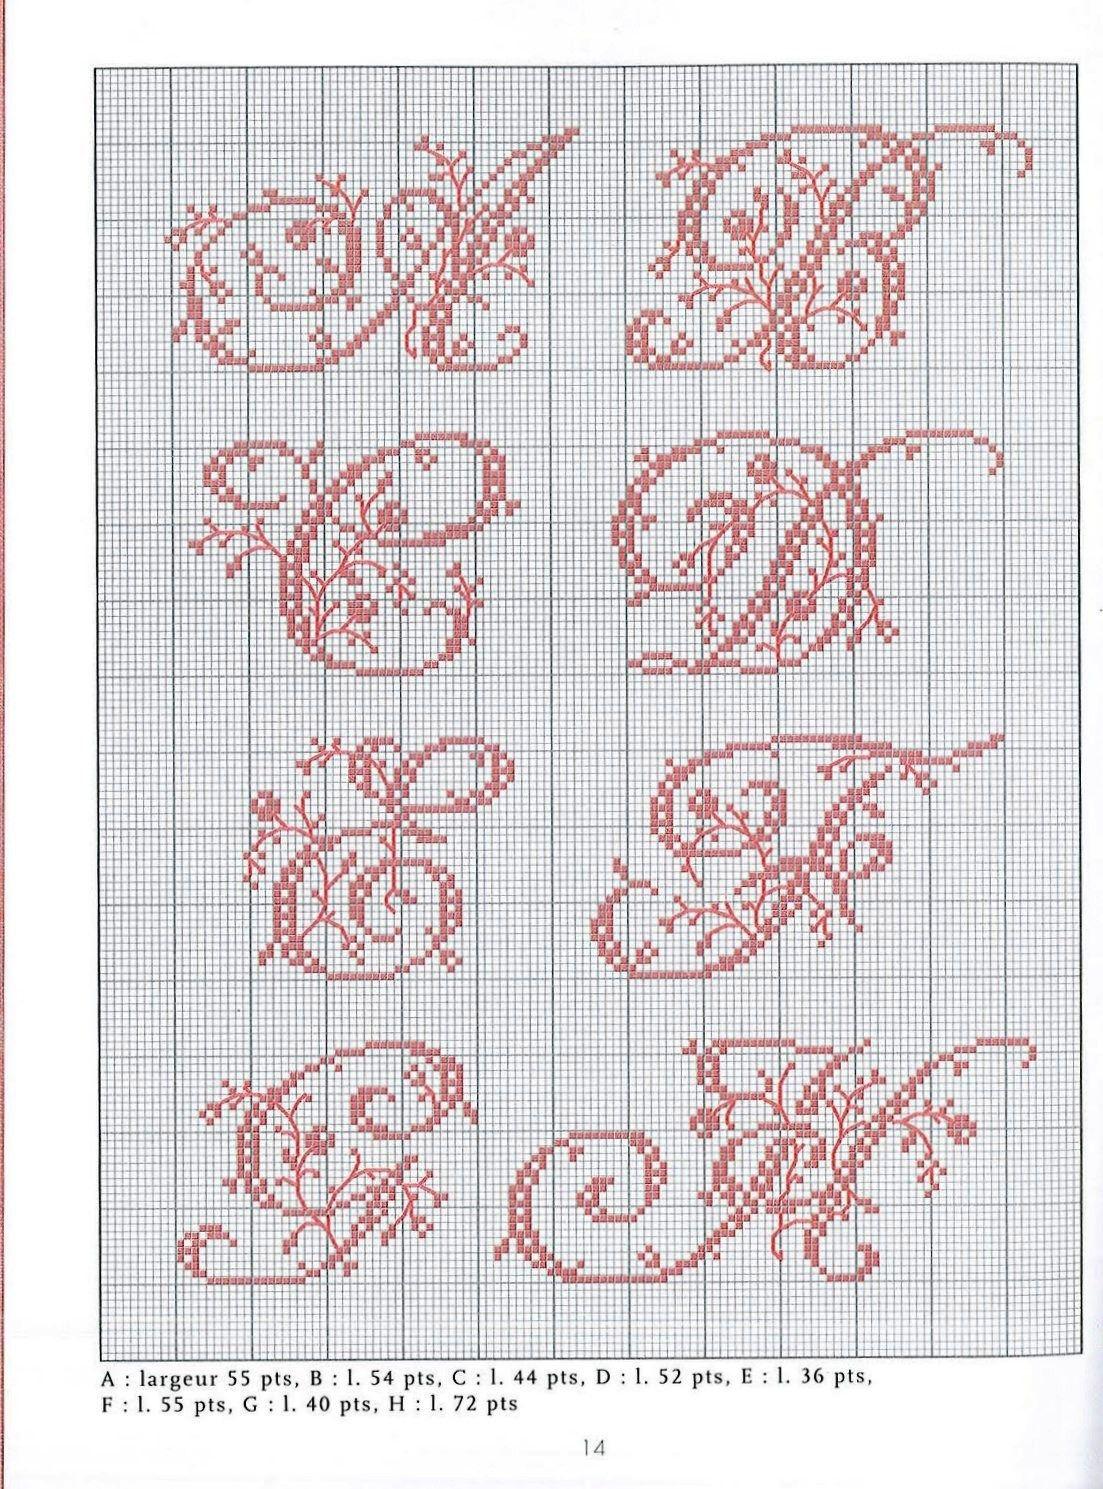 Belles Lettres Point De Croix Gratuit : belles, lettres, point, croix, gratuit, Belles, Lettres, Cross, Stitch, Alphabet, Patterns,, Fonts,